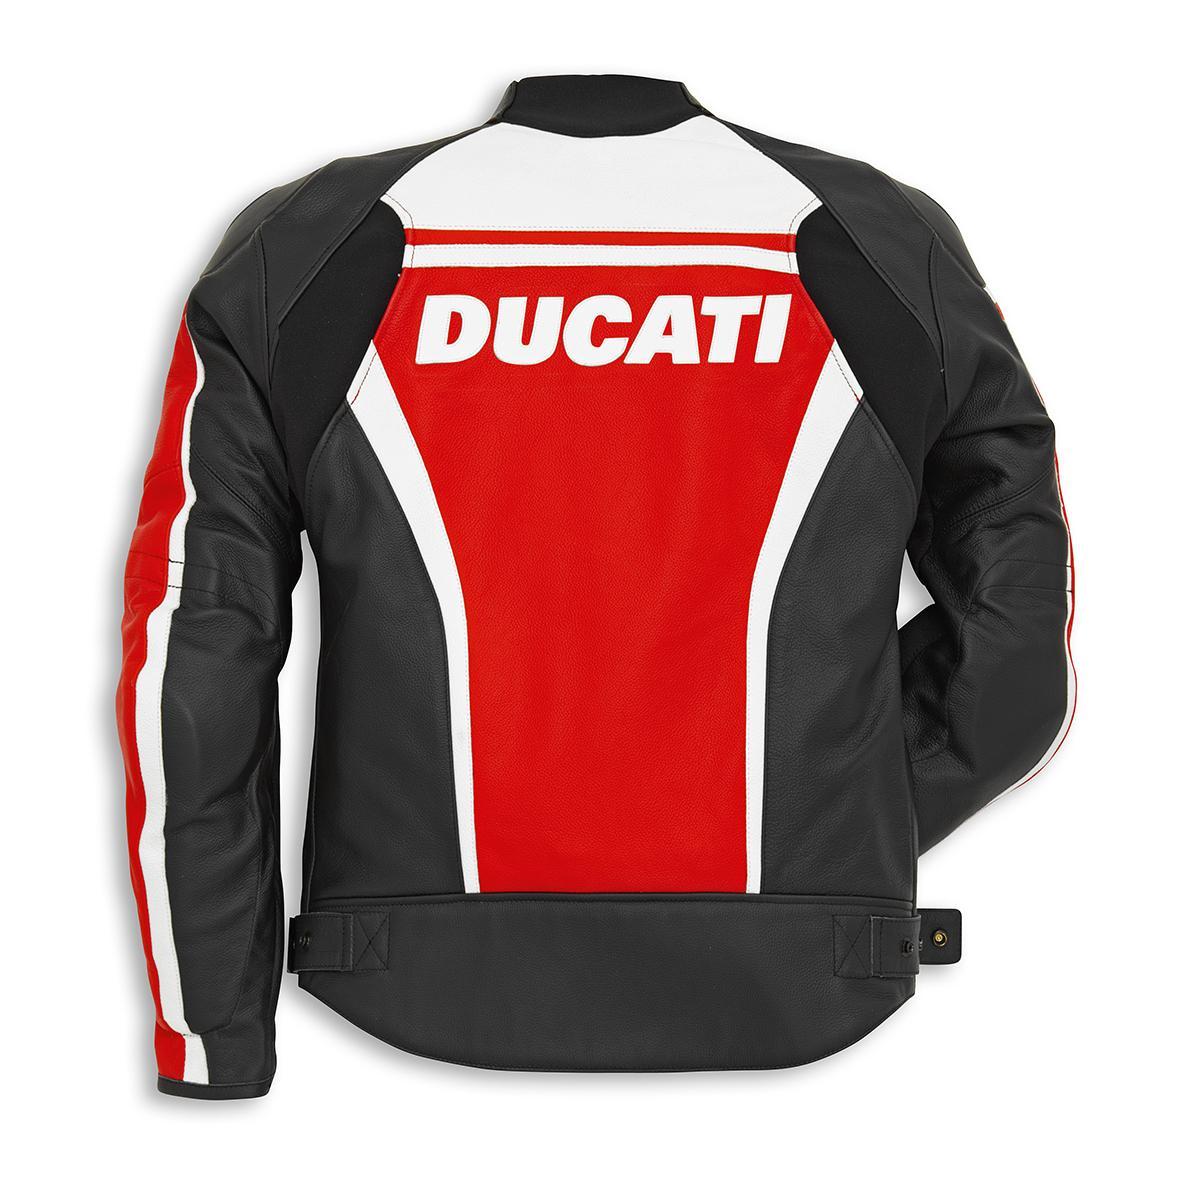 ducati sport c2 leather jacket red | ebay